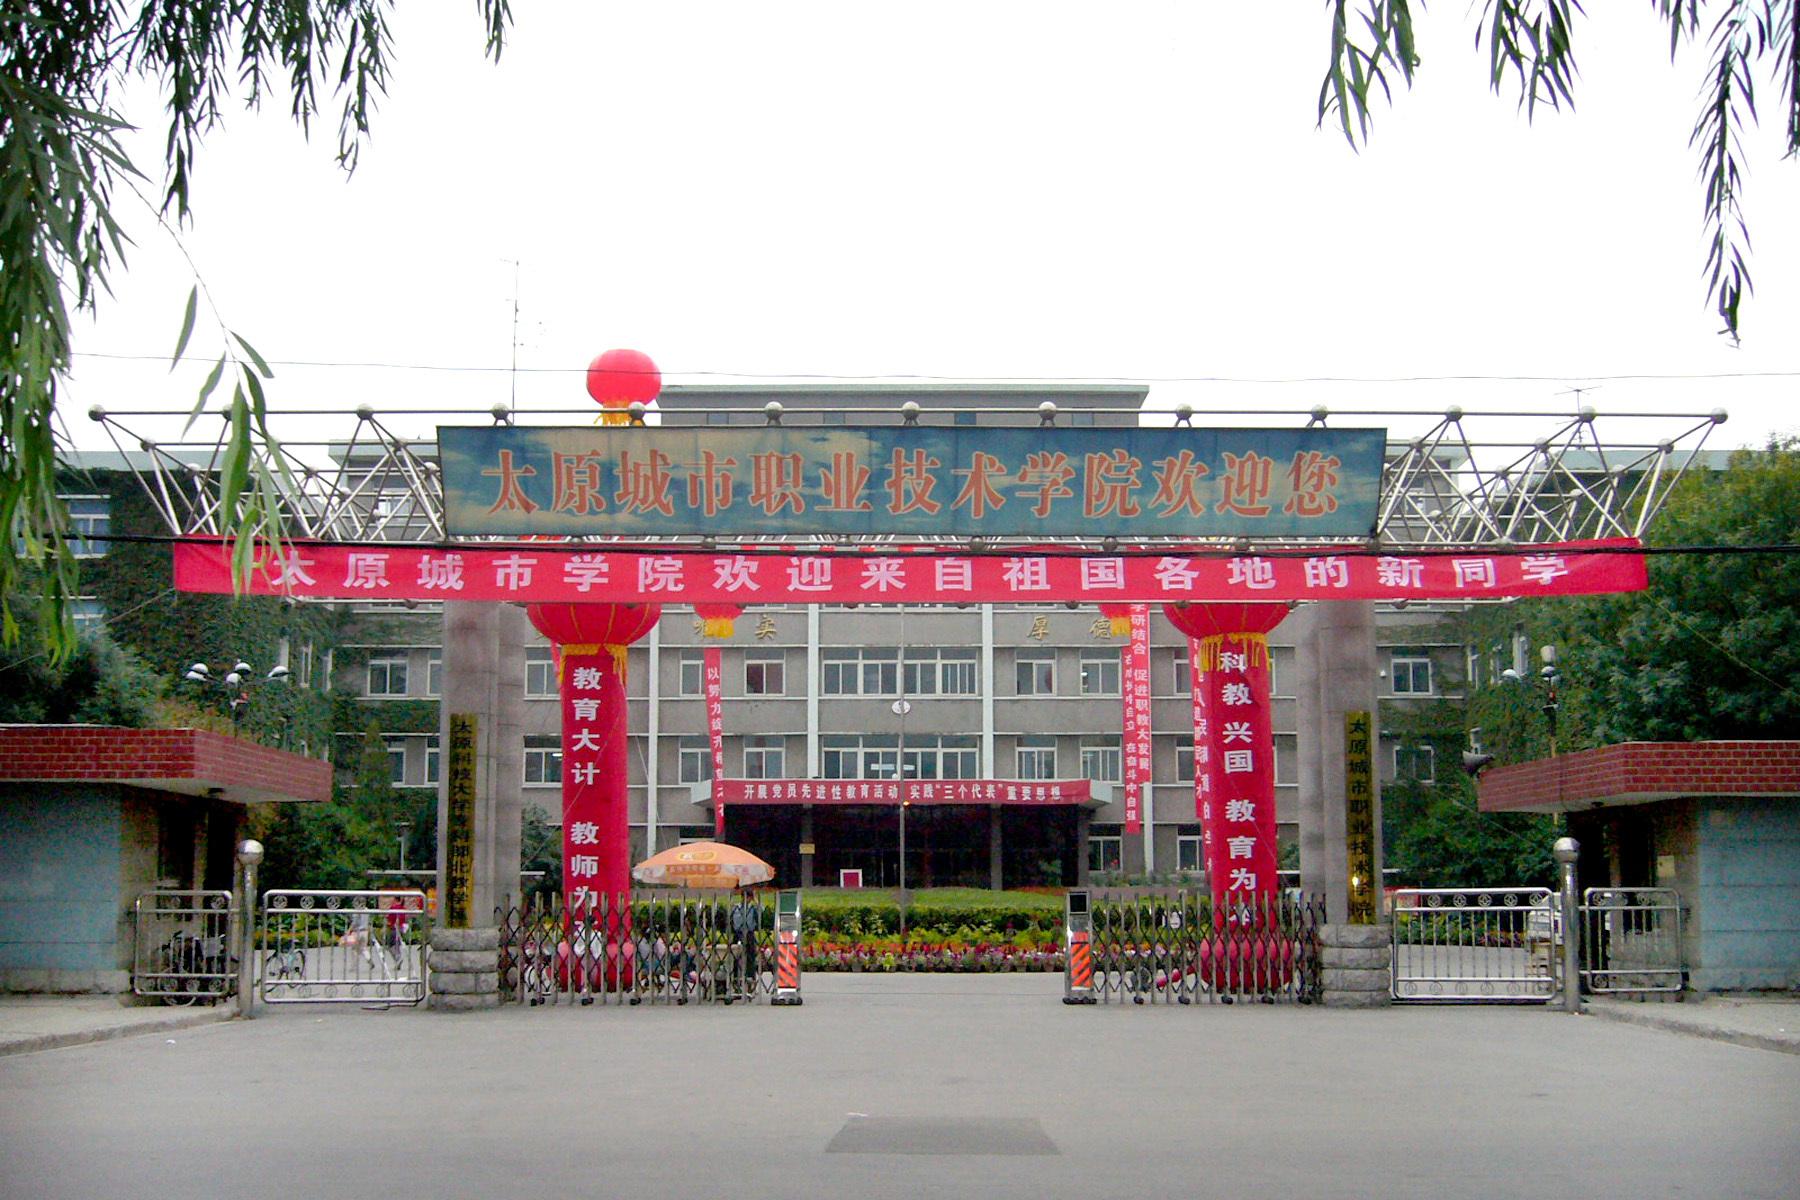 太原 城市 职业 技术 学院 是 山西; 太原城市职业技术学院校园风光—